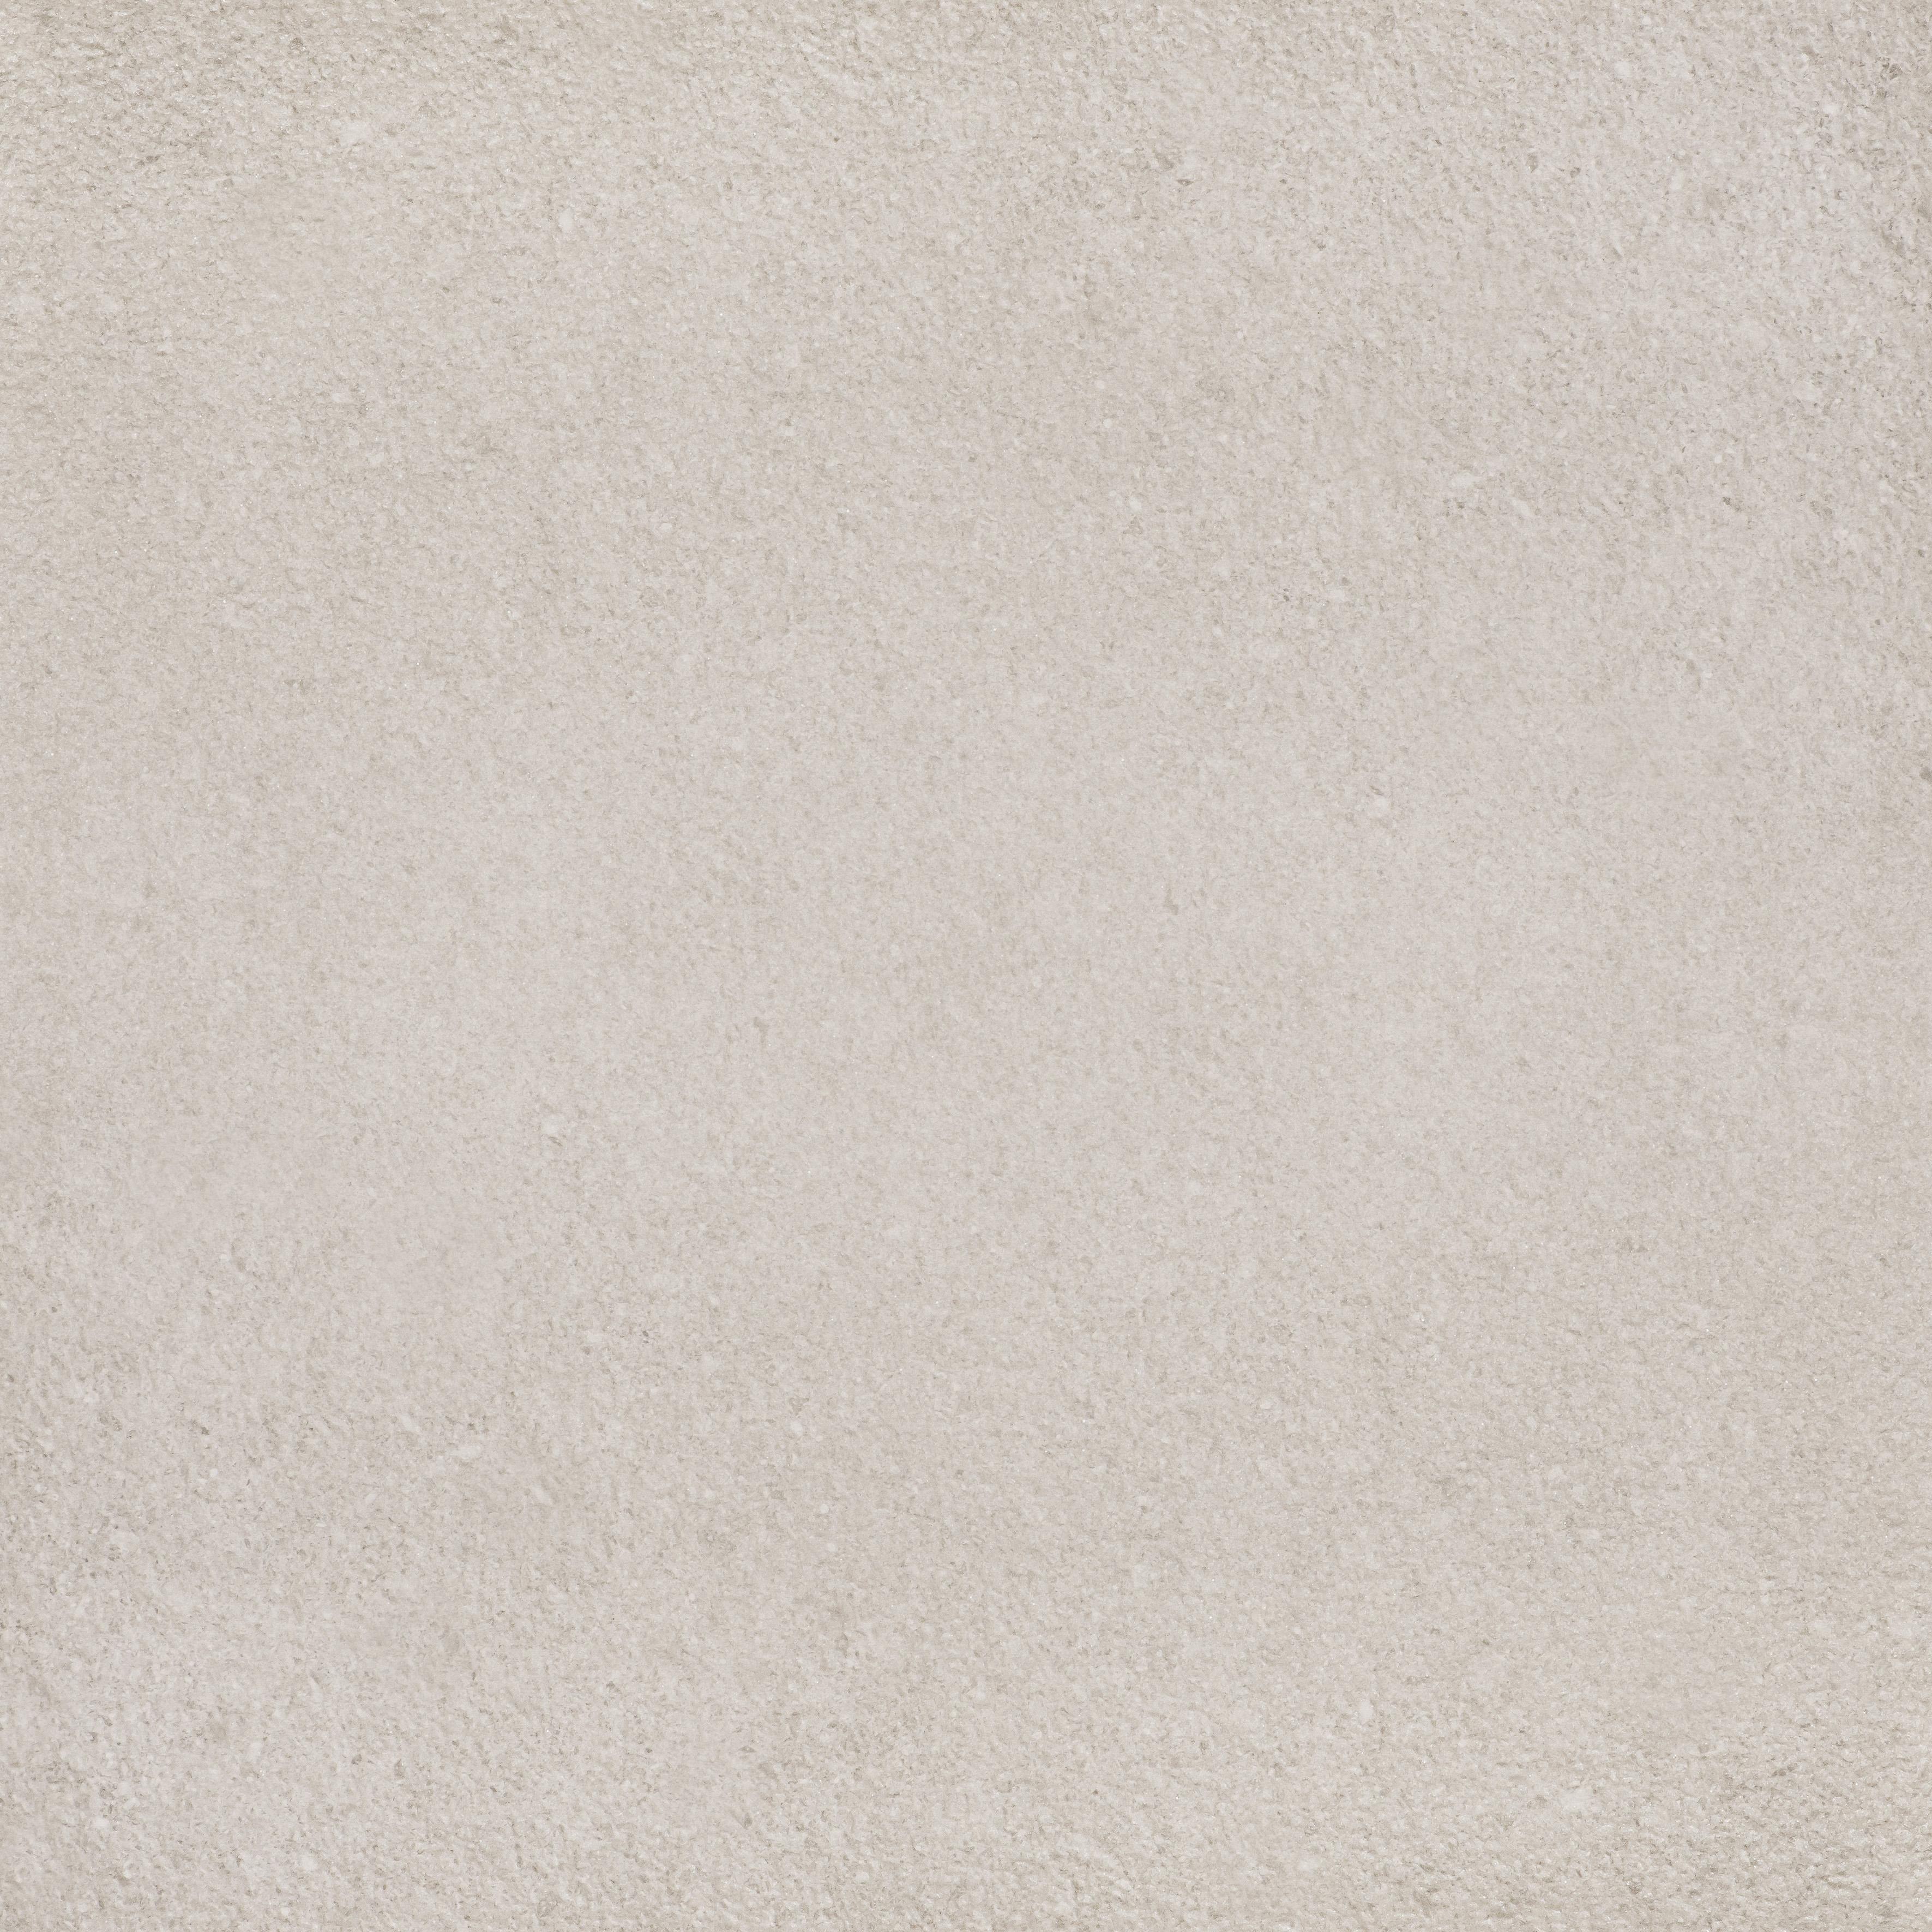 Utomhusklinker Bricmate Z66 Stone Light Grey 60×60